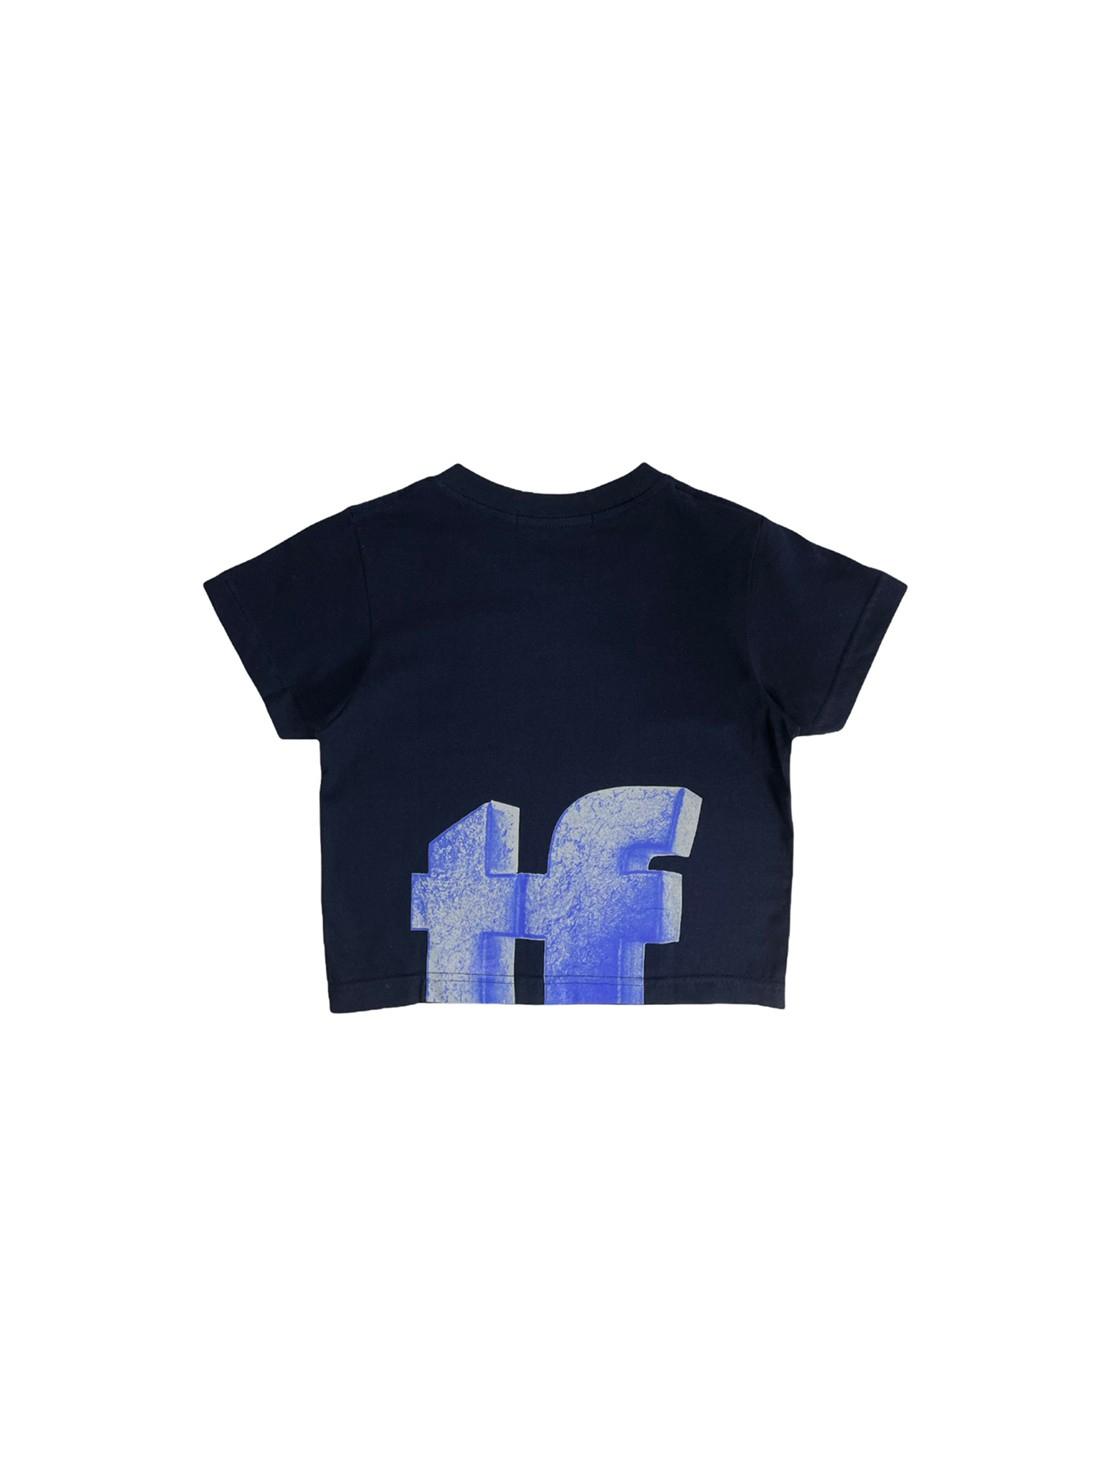 Matf *shift* crop top t-shirt (midnight blue)